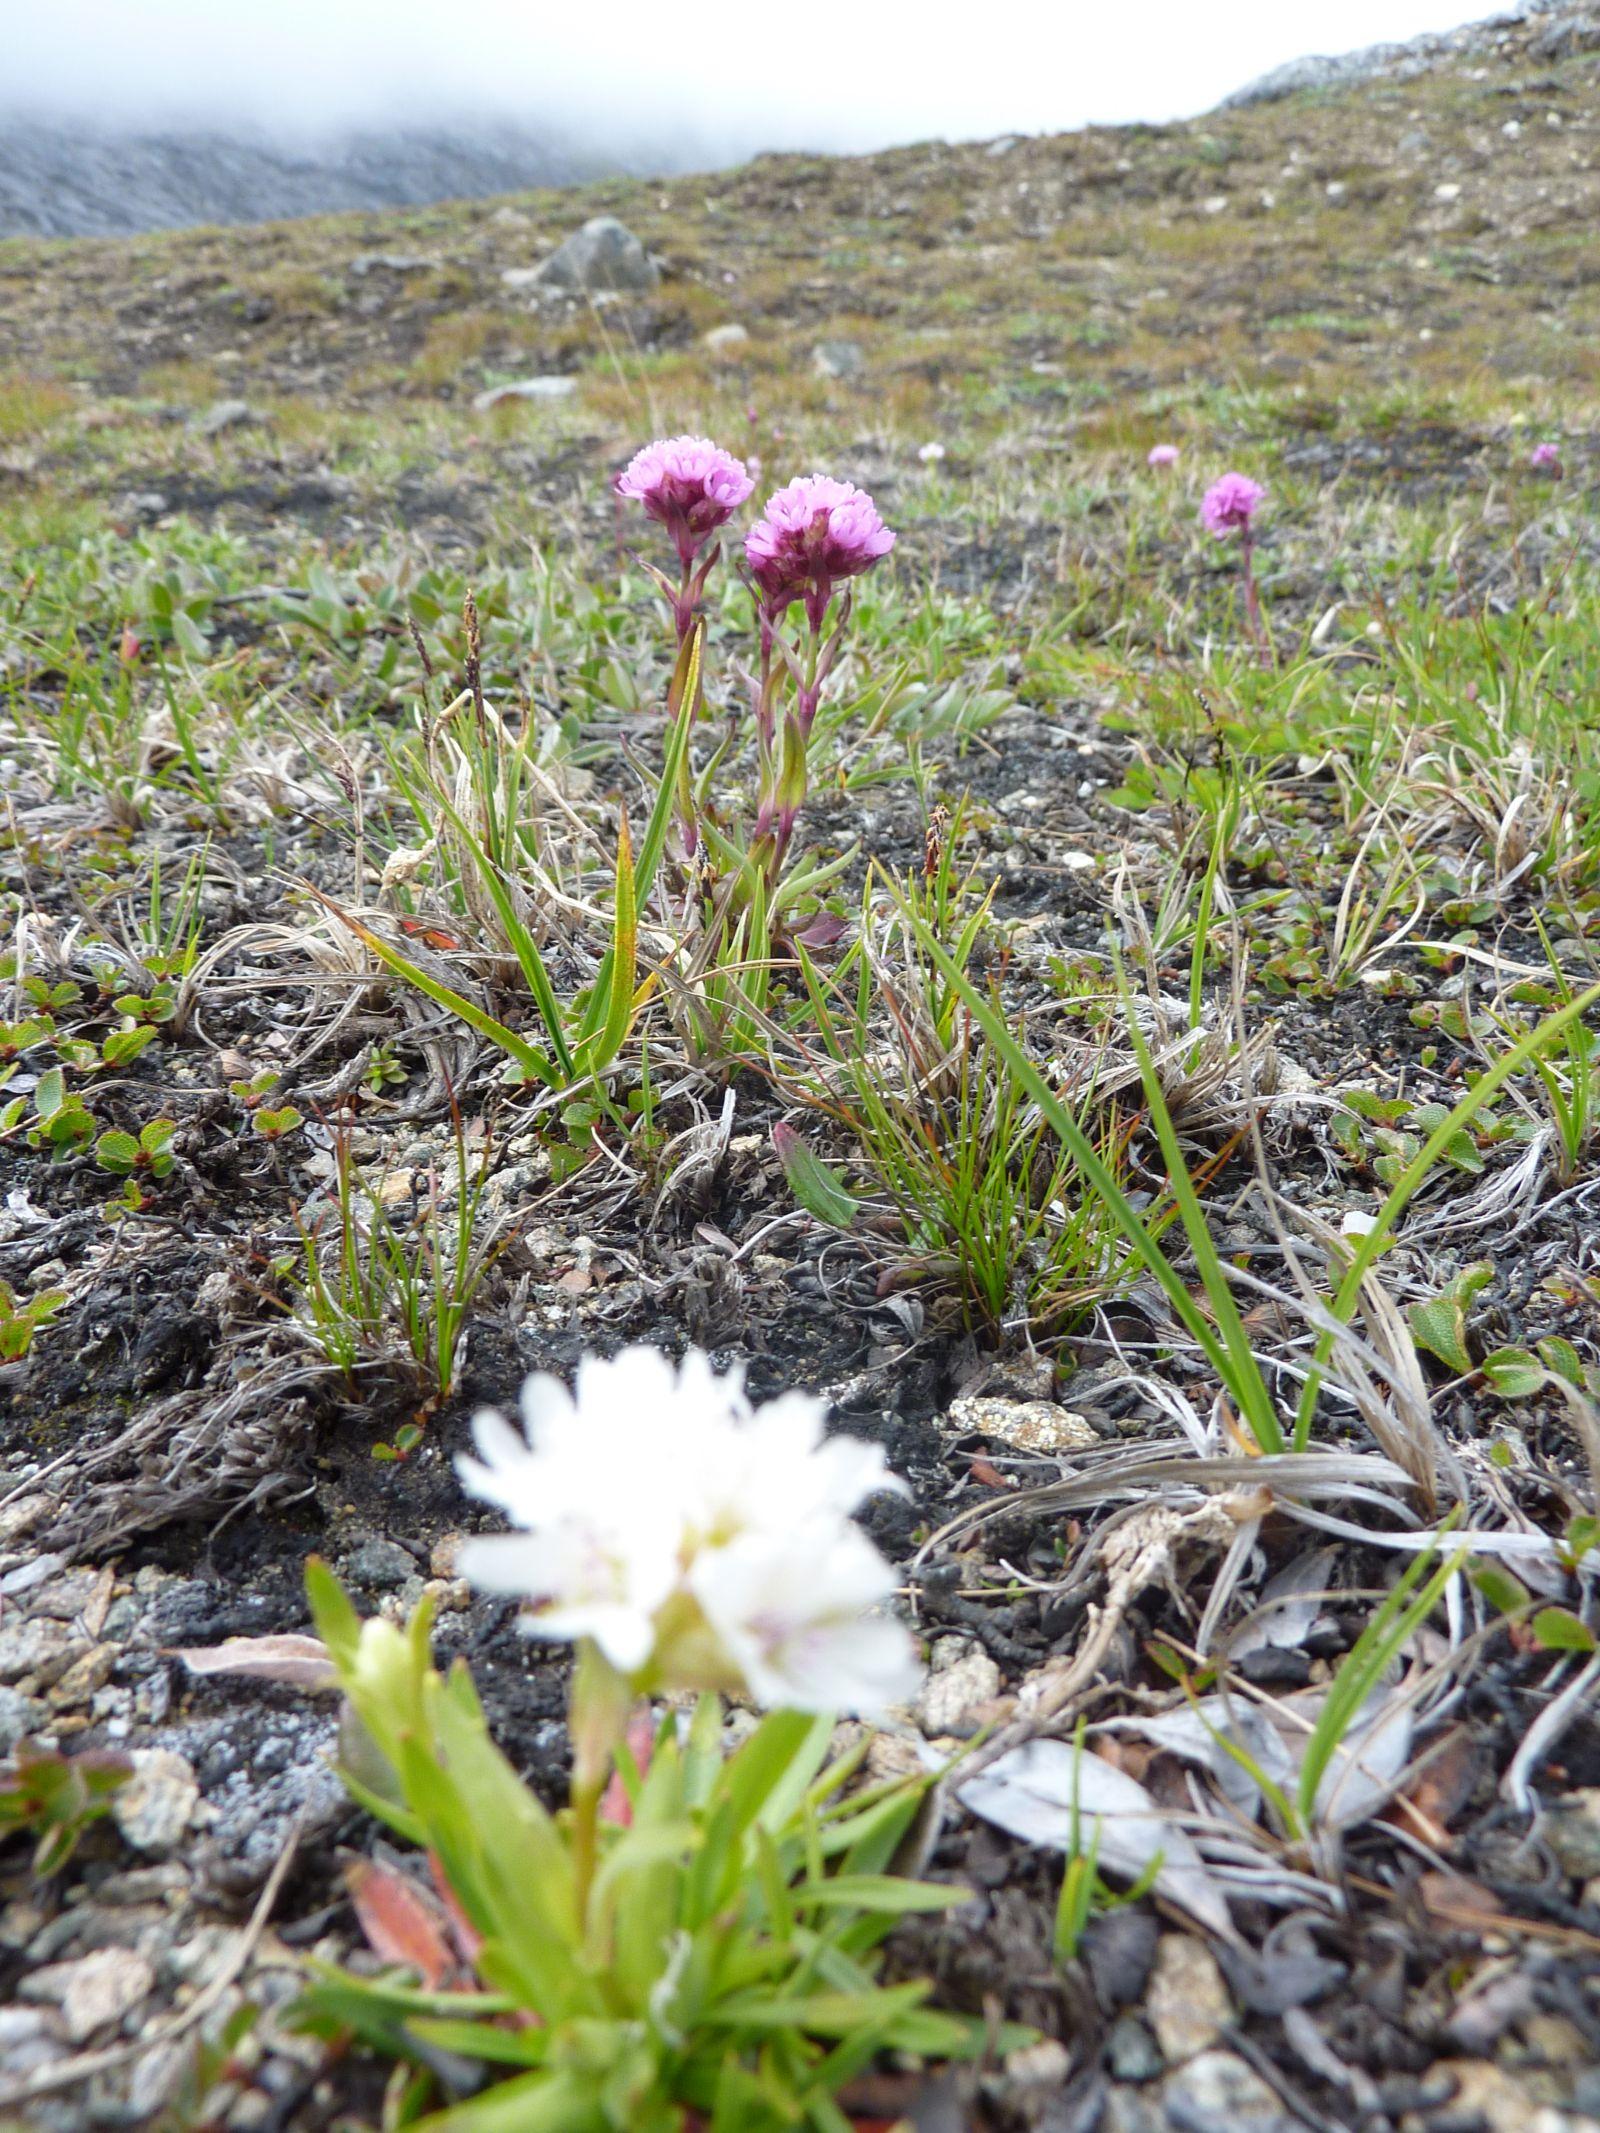 2010-06-30-1032_-_Vegetation